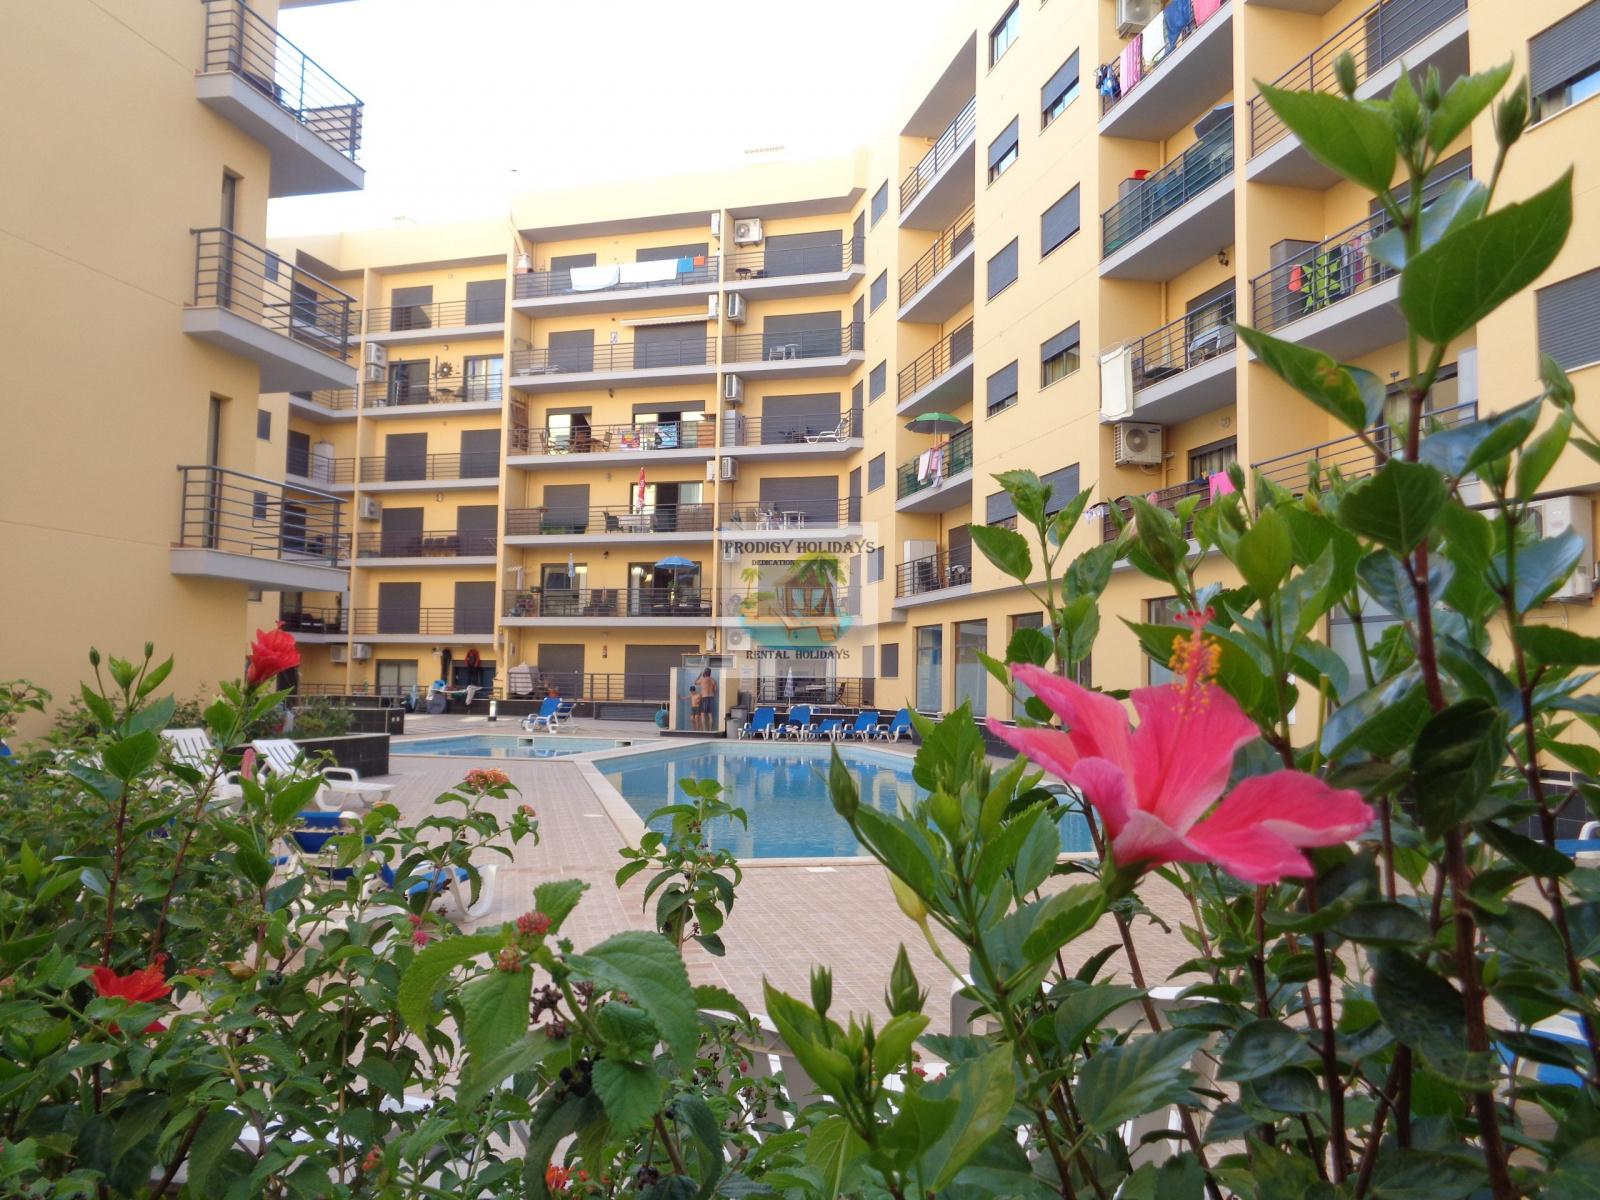 imagens-apartamentos-104-scaled